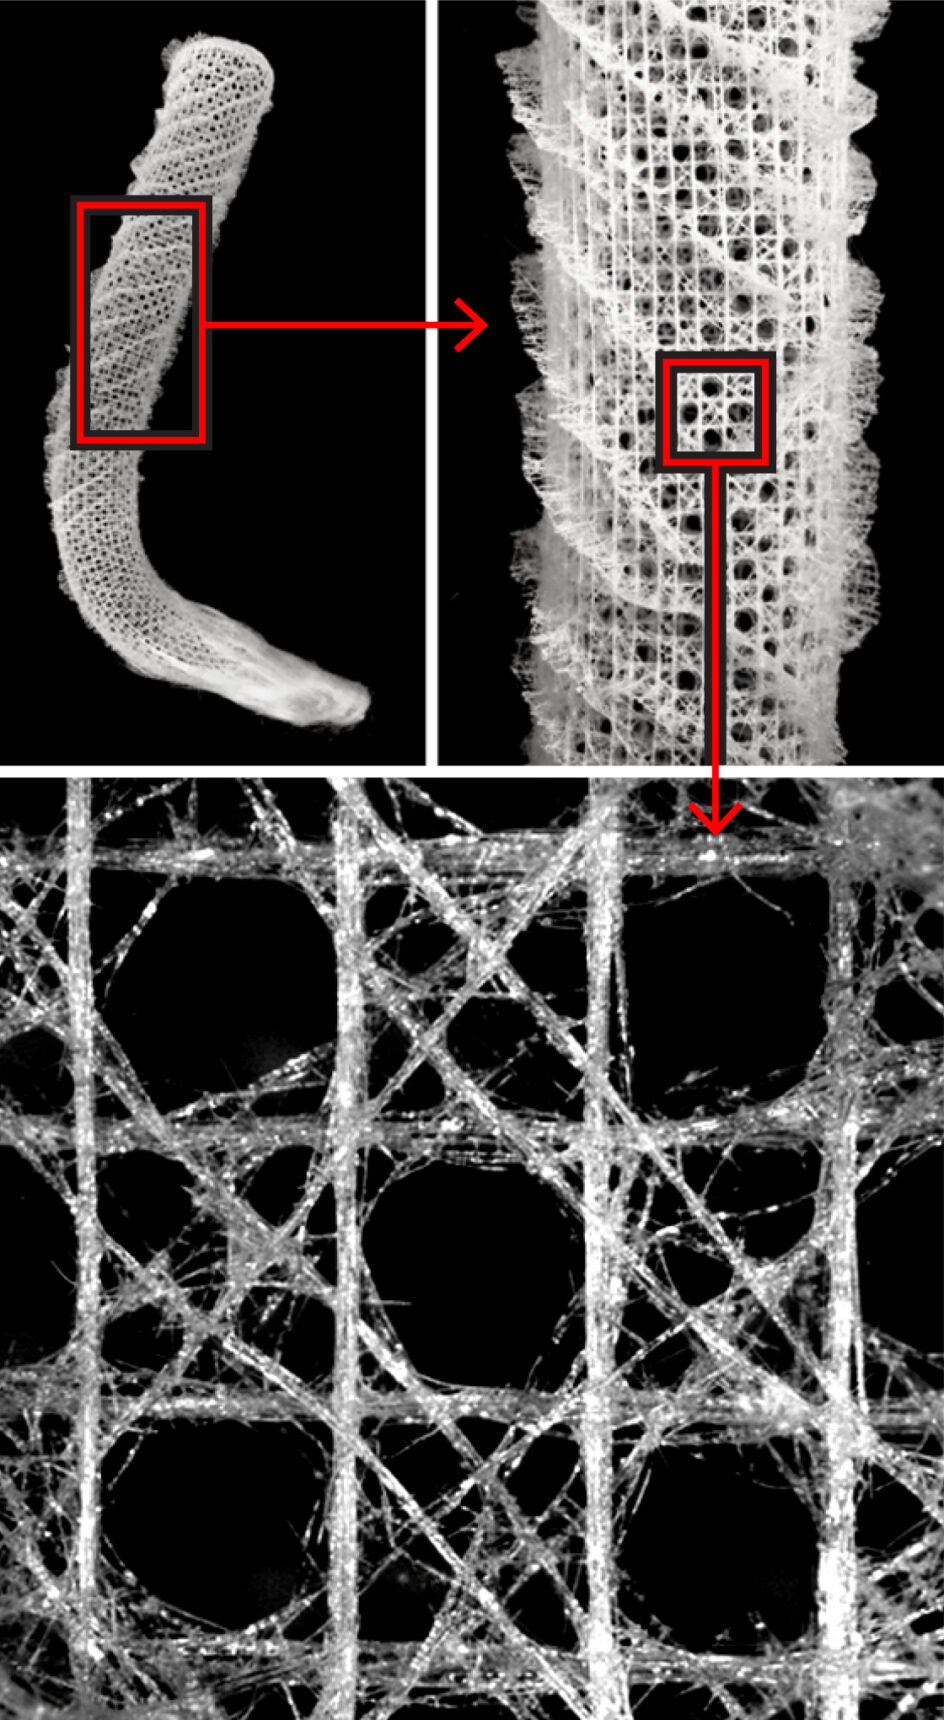 Foto que muestra el sistema esquelético completo de la canasta de flores de Venus y un recuadro que muestra una parte ampliada del esqueleto.